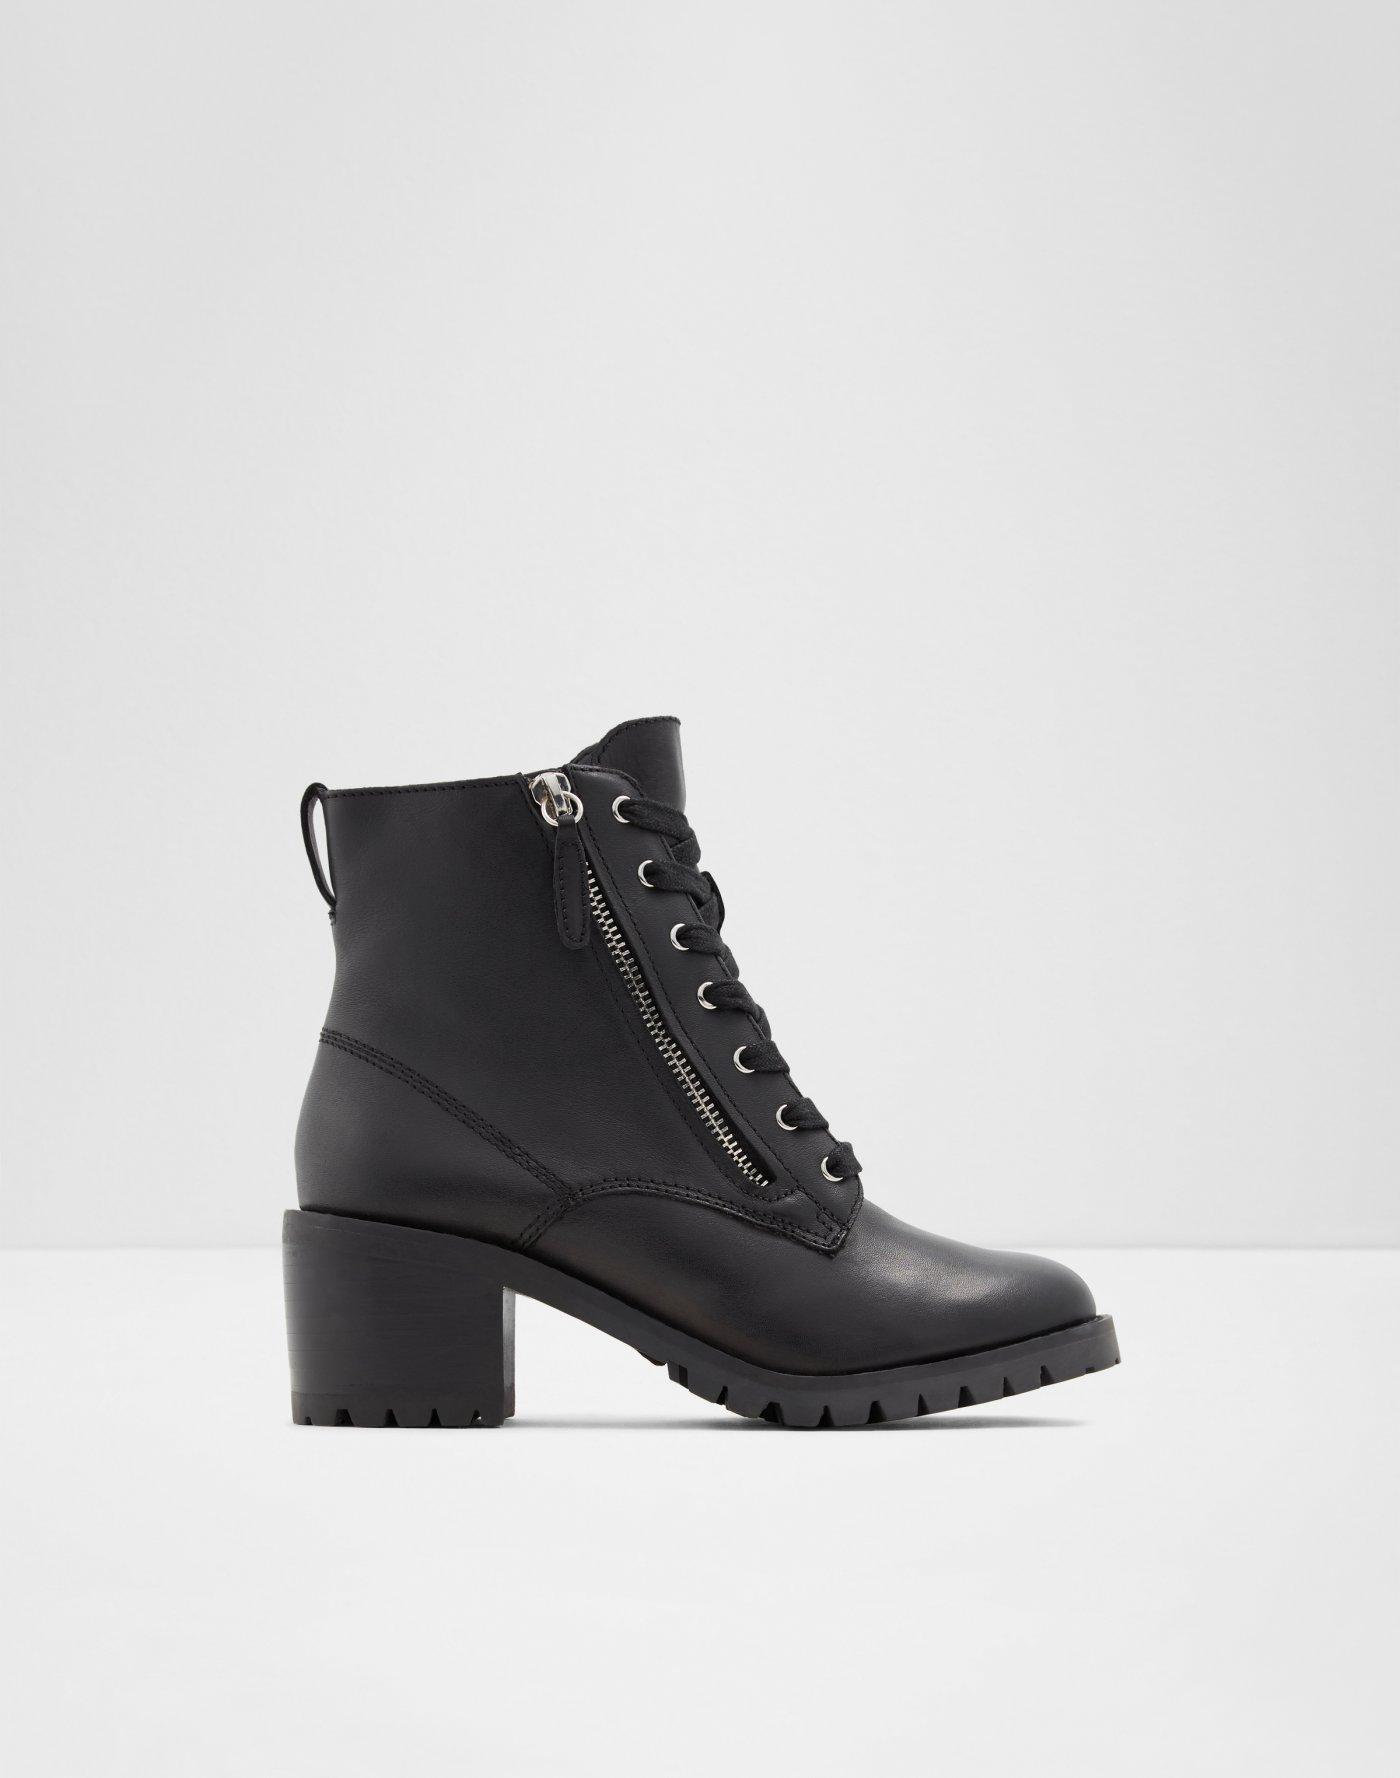 cd07b9310800 Boots